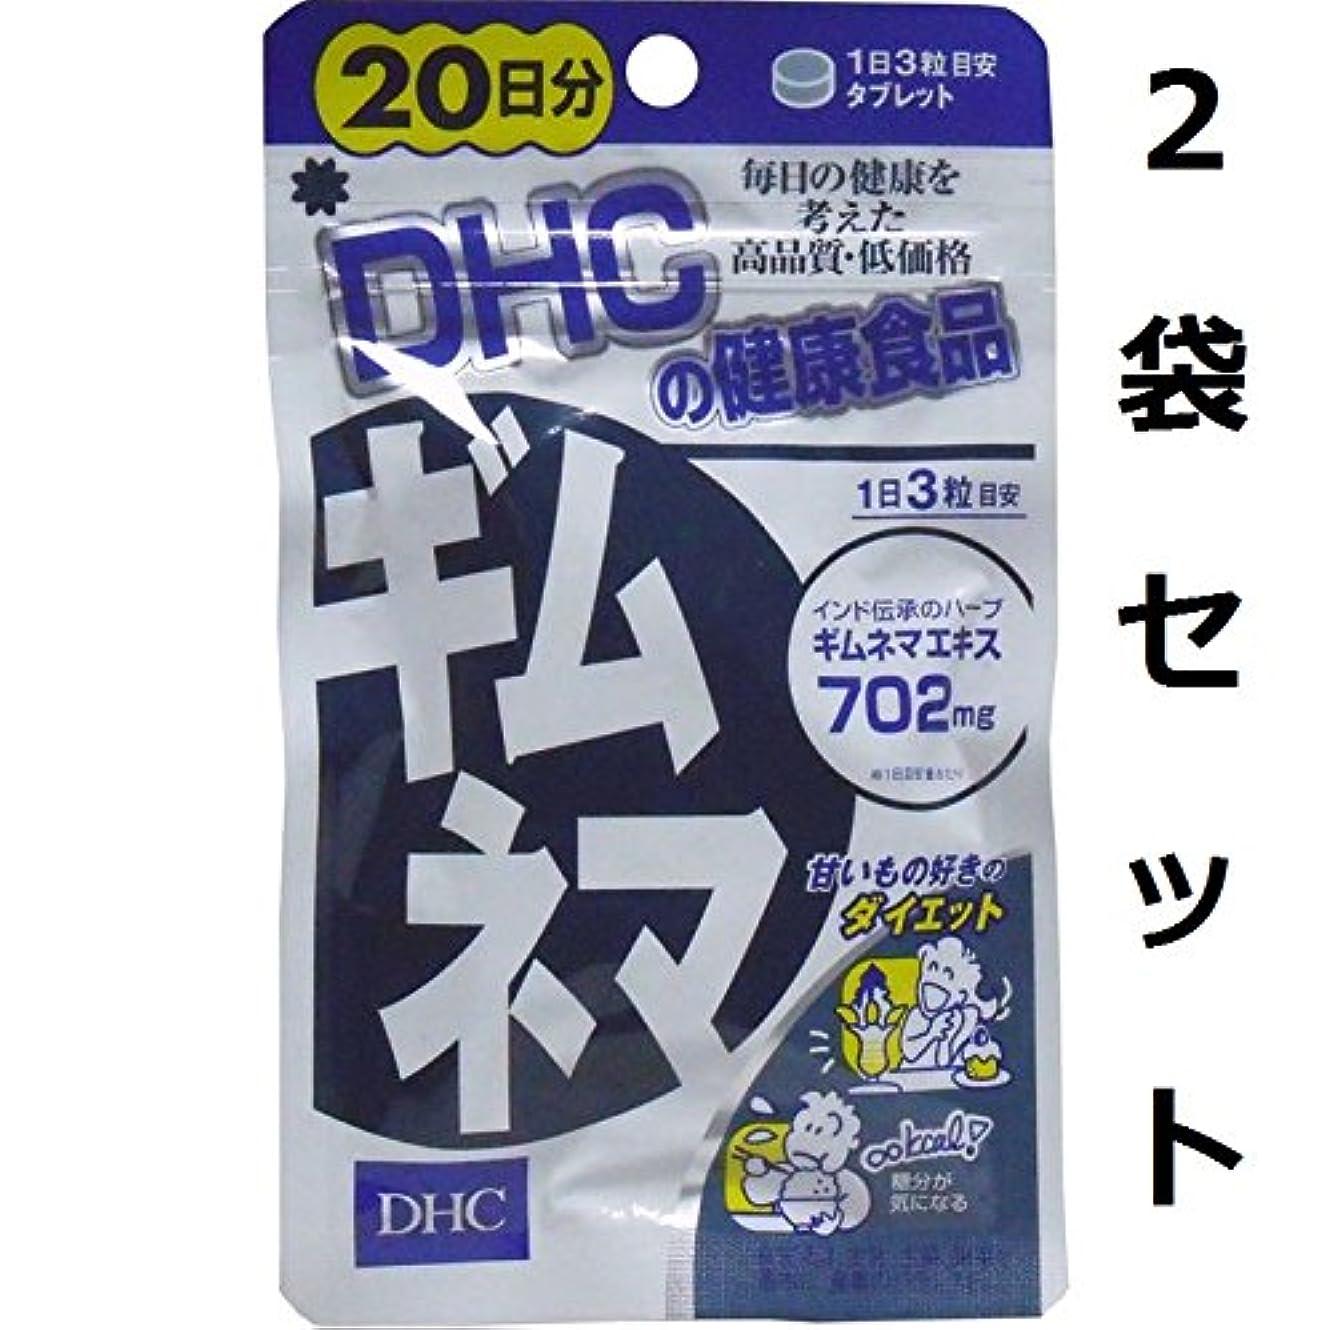 またタッチ属性糖分や炭水化物を多く摂る人に DHC ギムネマ 20日分 60粒 2袋セット